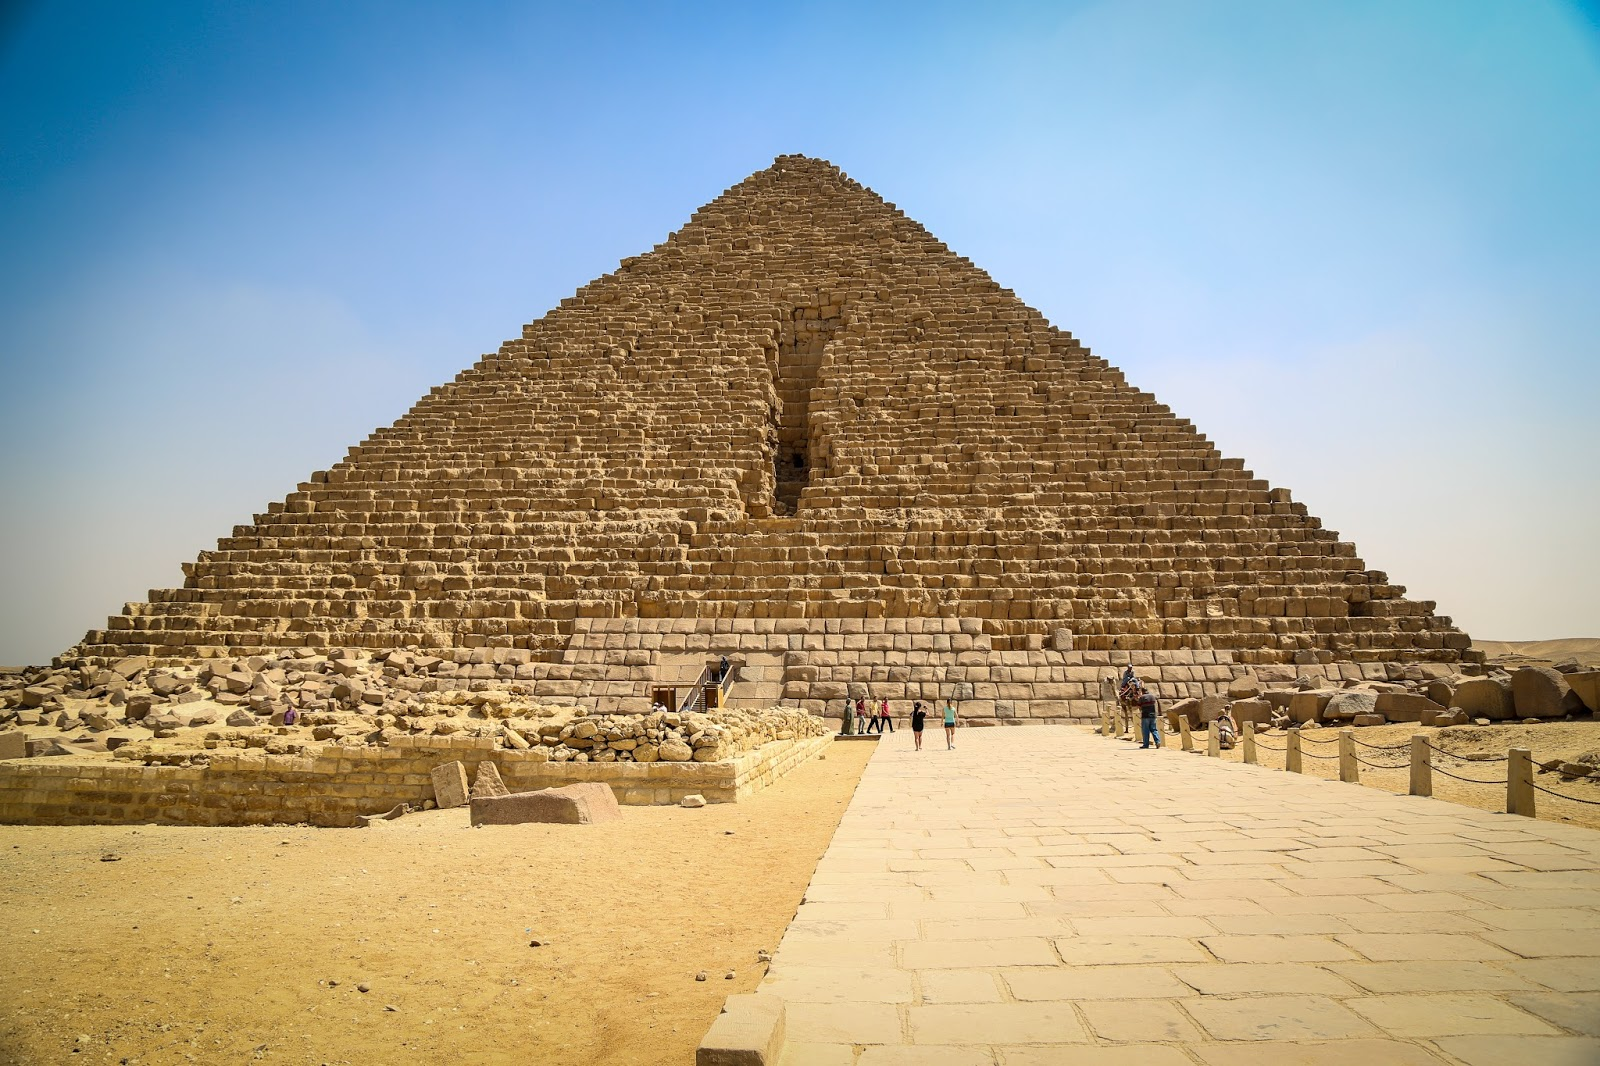 картинки египетских пирамид и фараонов после добычи уран